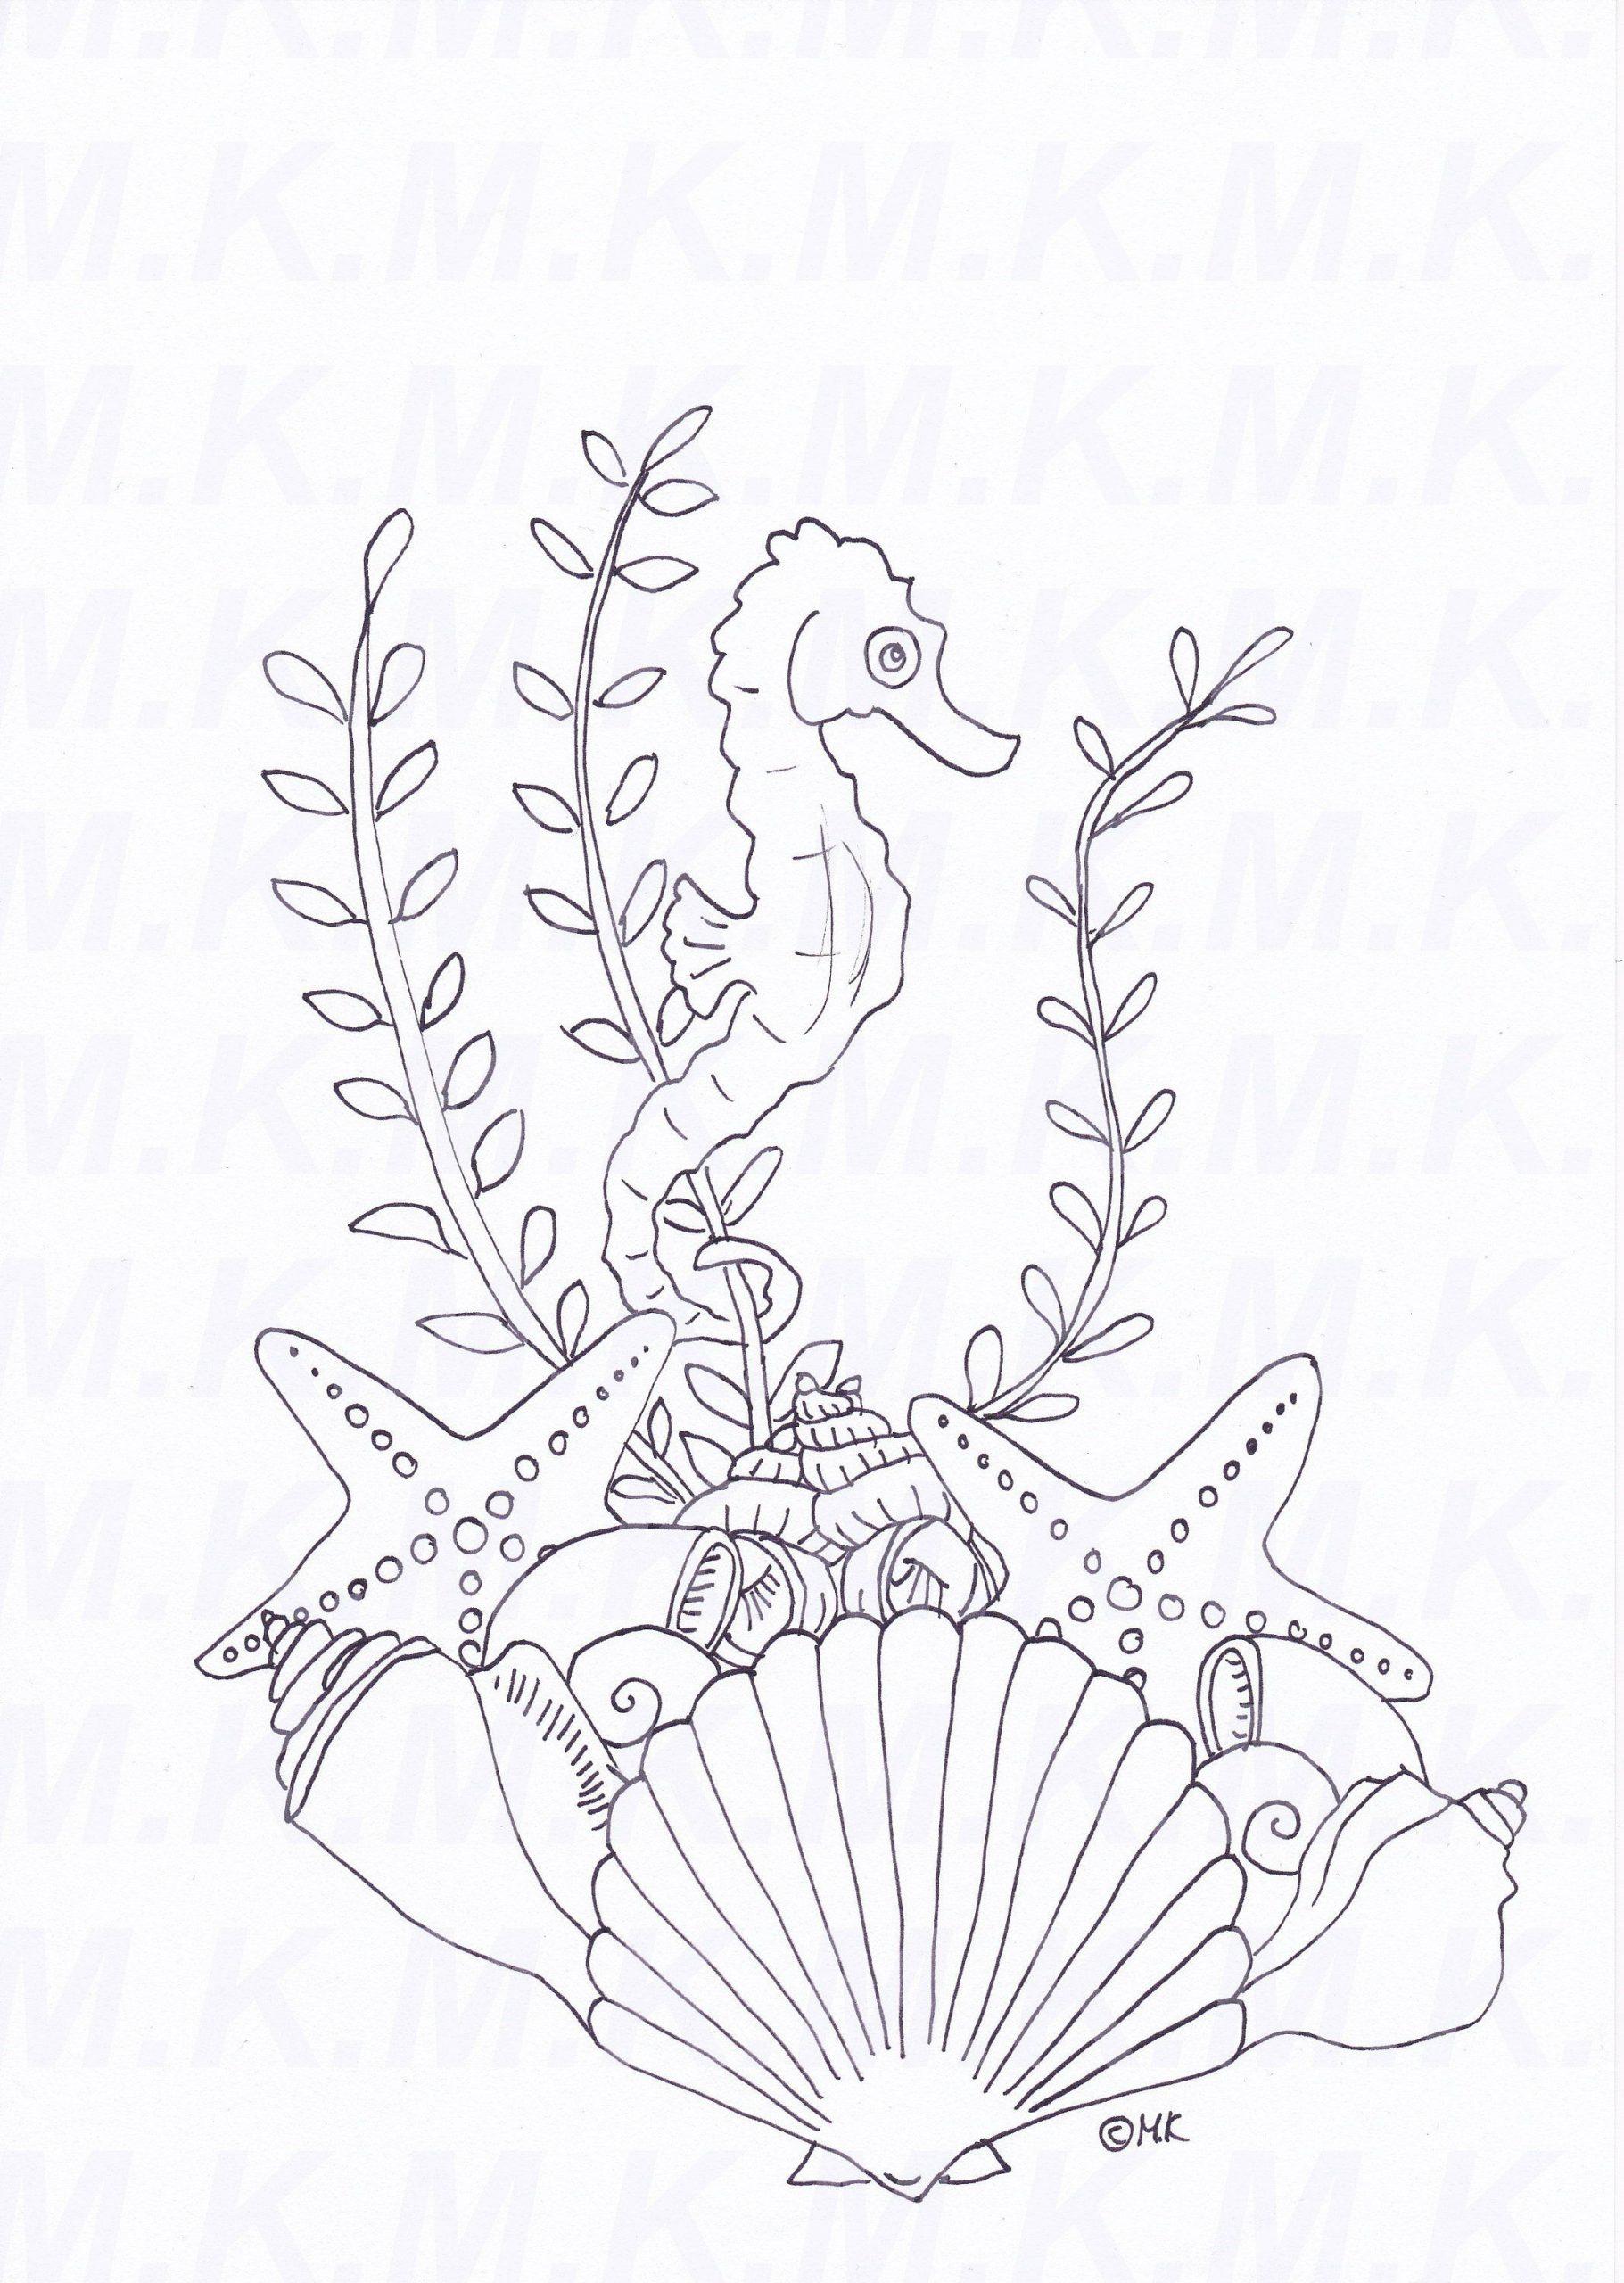 Ausmalbild Seepferdchen Muscheln Meer Handgemalt Von ganzes Ausmalbilder Muscheln